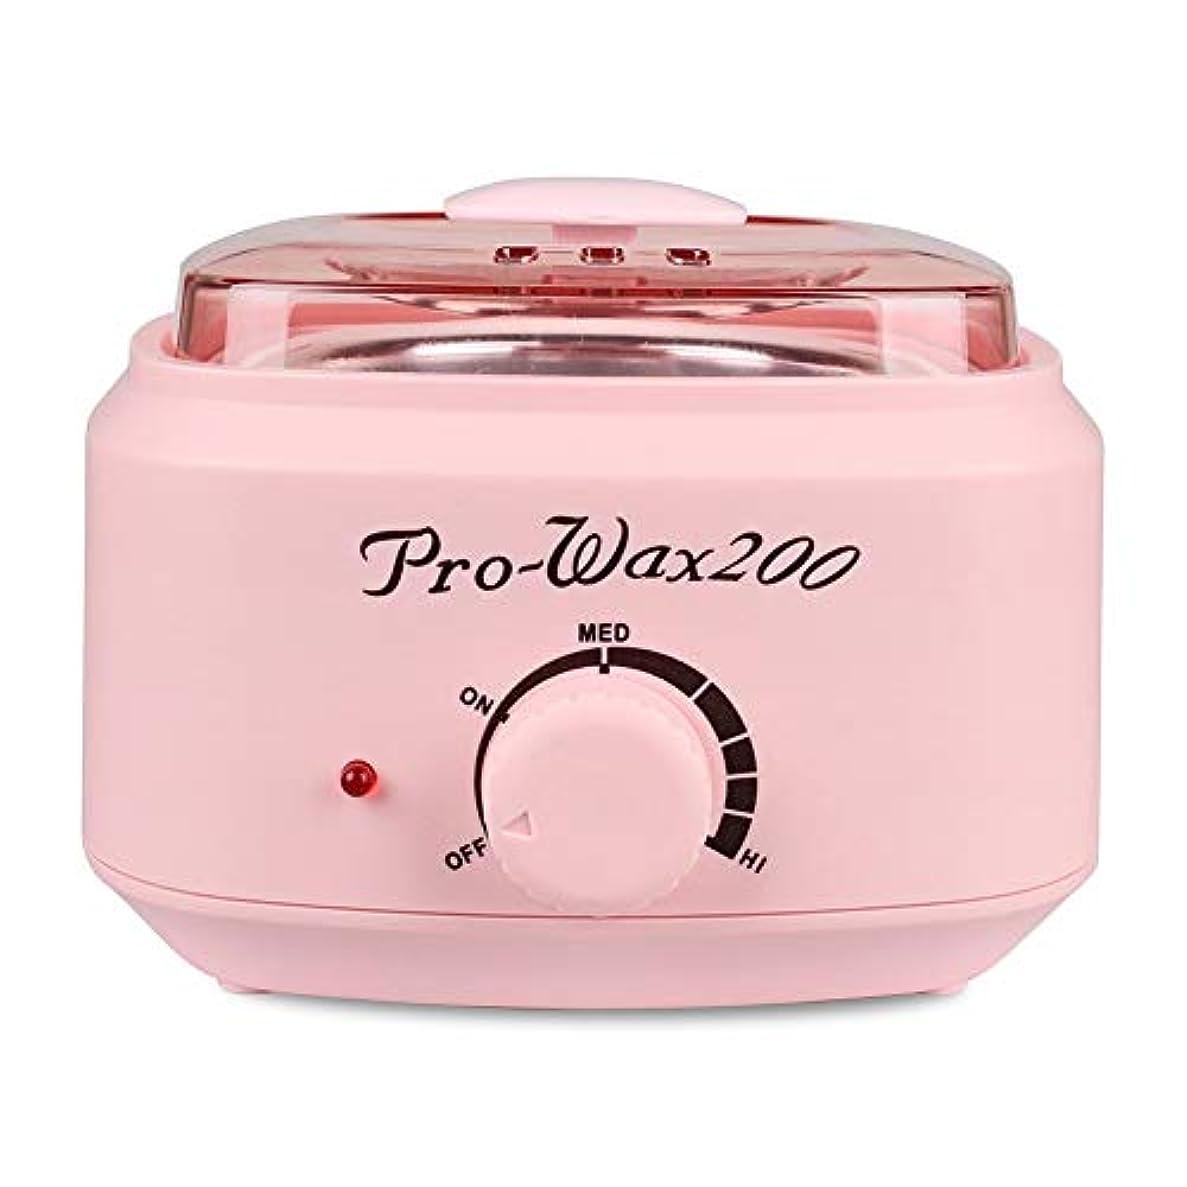 キャンドル散逸扱うプロの電気ワックスウォーマーとヒーター、速くて痛みのない脱毛、楽器多機能溶融ワックスマシンホームワックス女性/男性用500CC (Color : Pink)